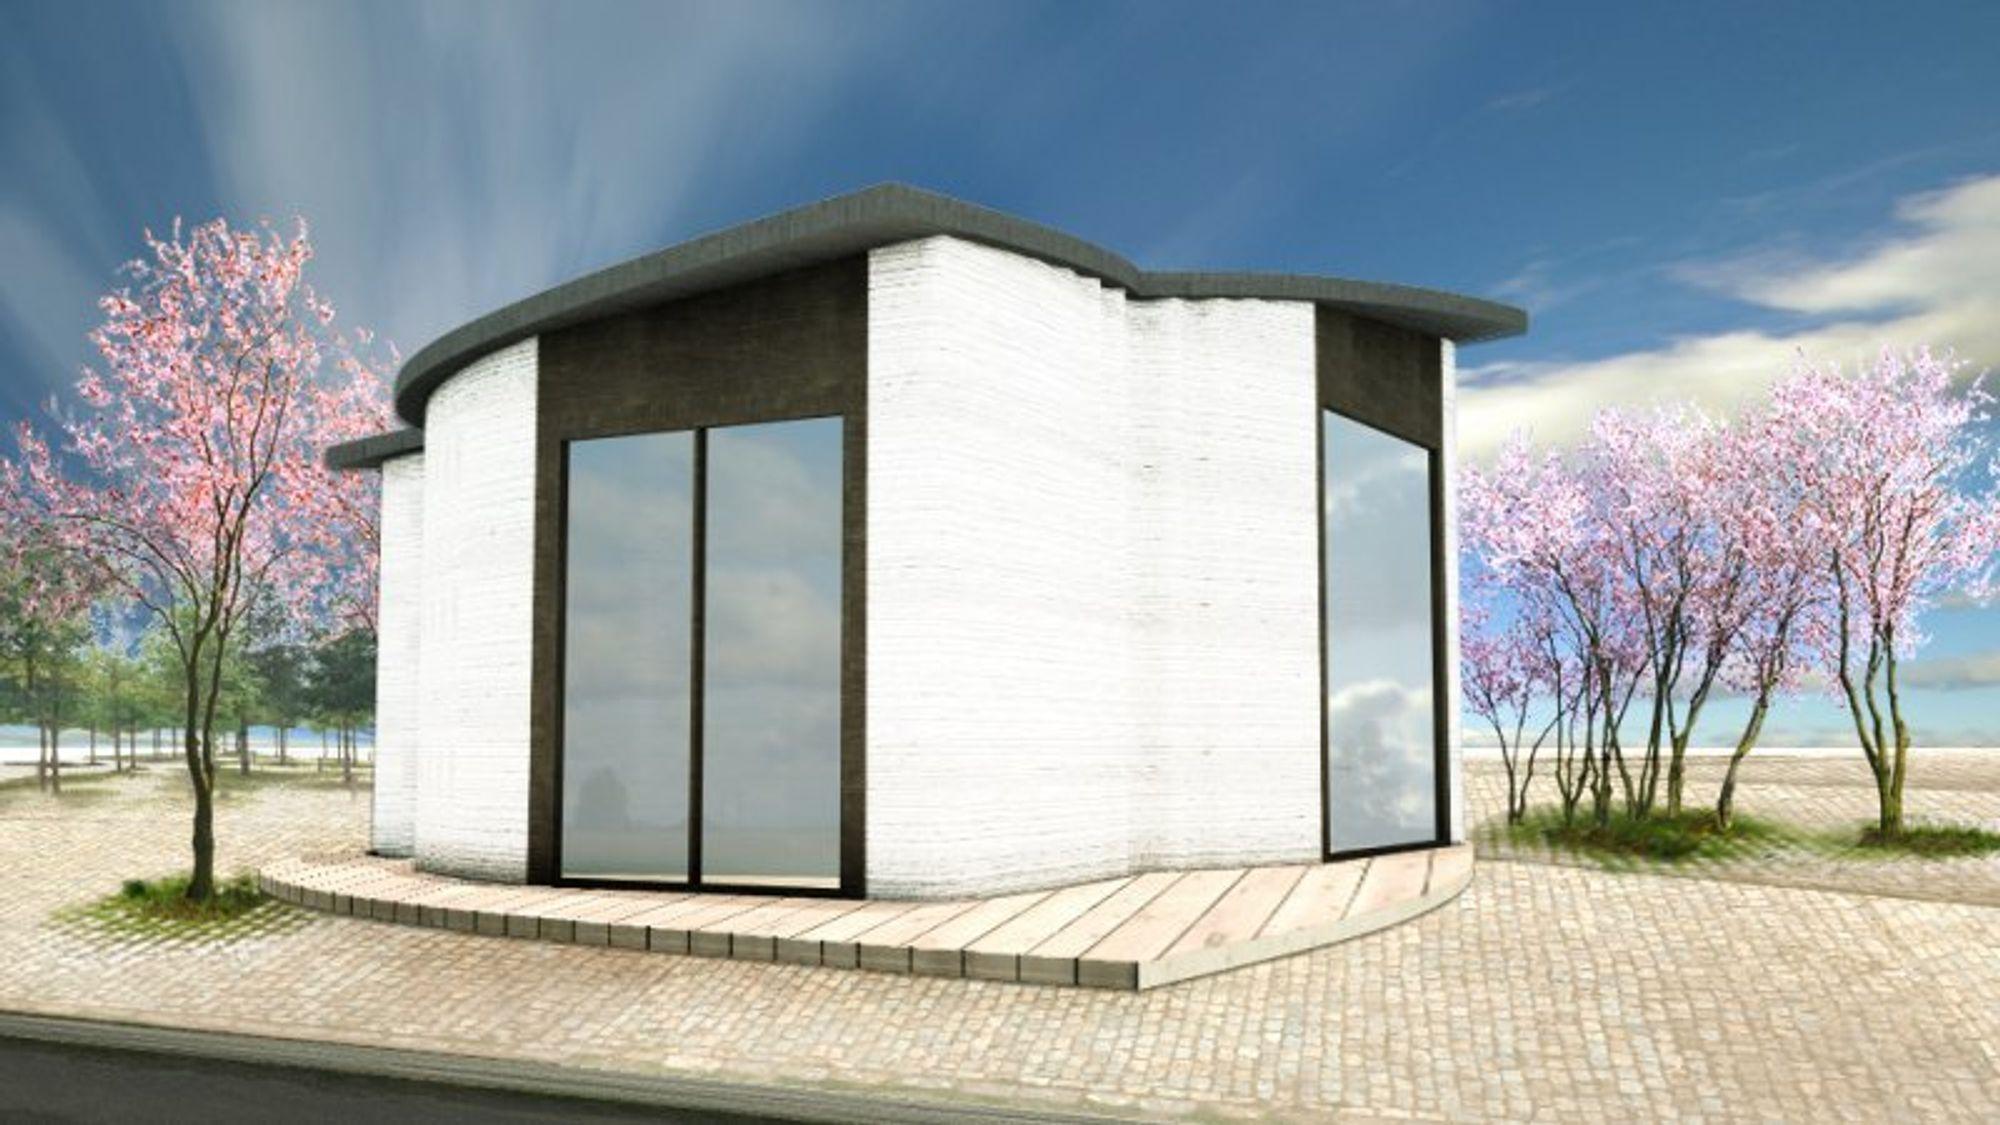 Buede betongvegger og et skrått tak er ikke vanskelig å bygge når man har en 3D-skriver til formålet. Et nytt bygg i Nordhavn skal vise mulighetene med 3D-skrevet betong.